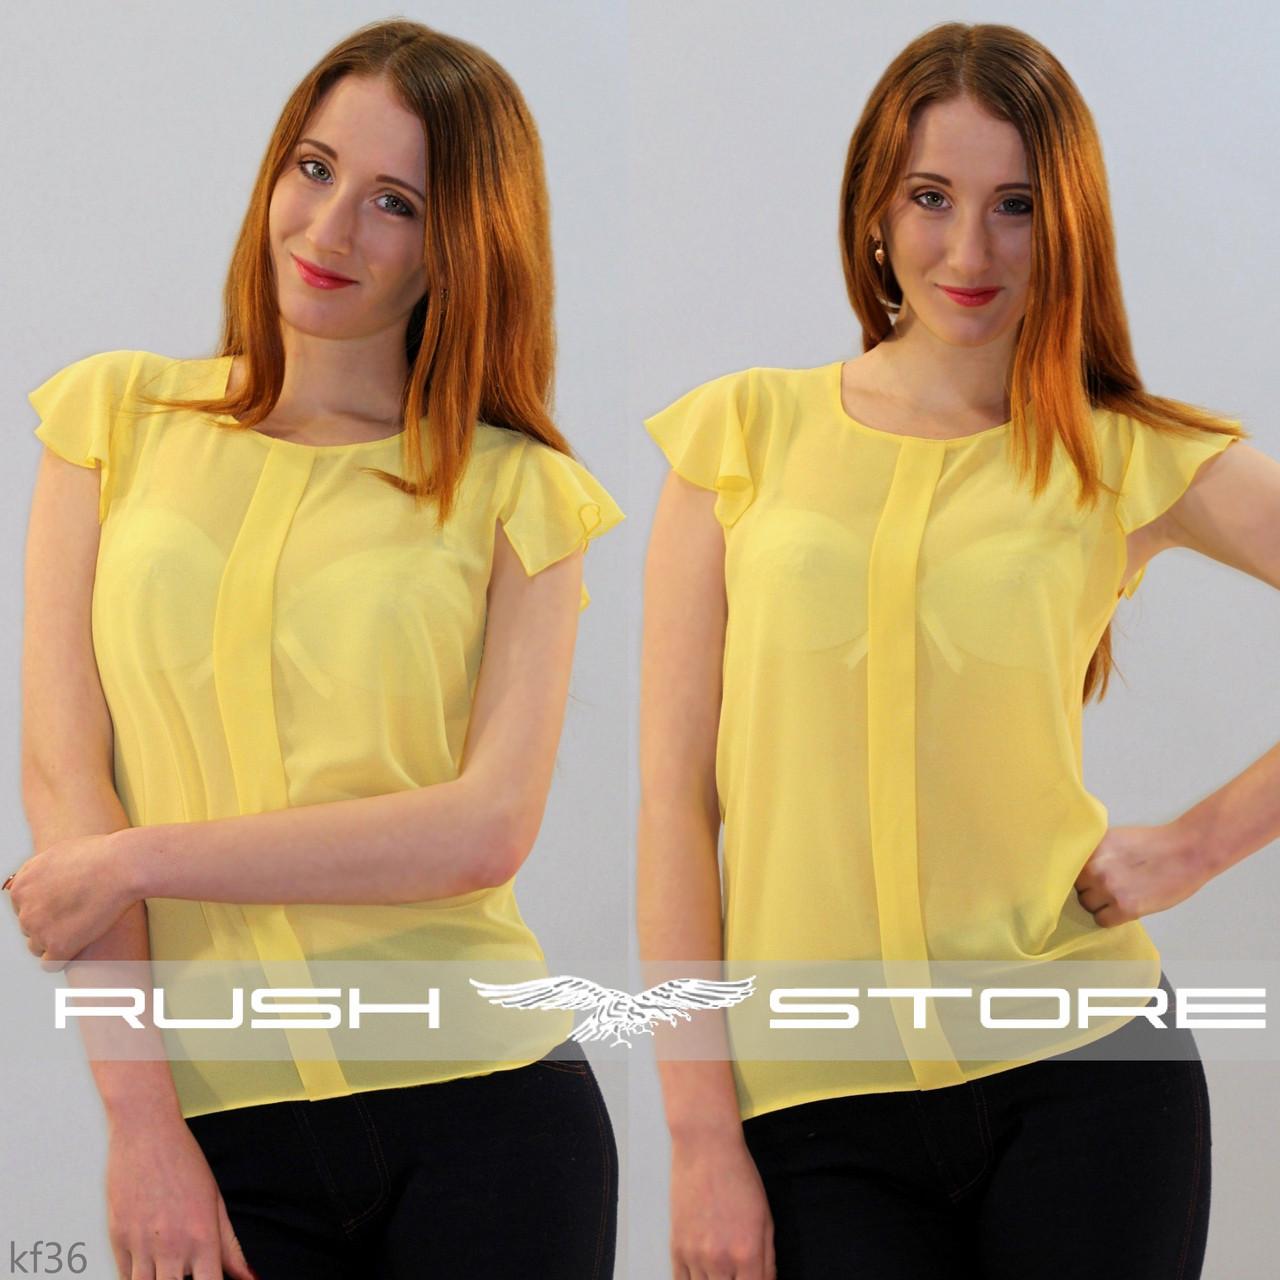 Женская Одежда Николаев Интернет Магазин Доставка